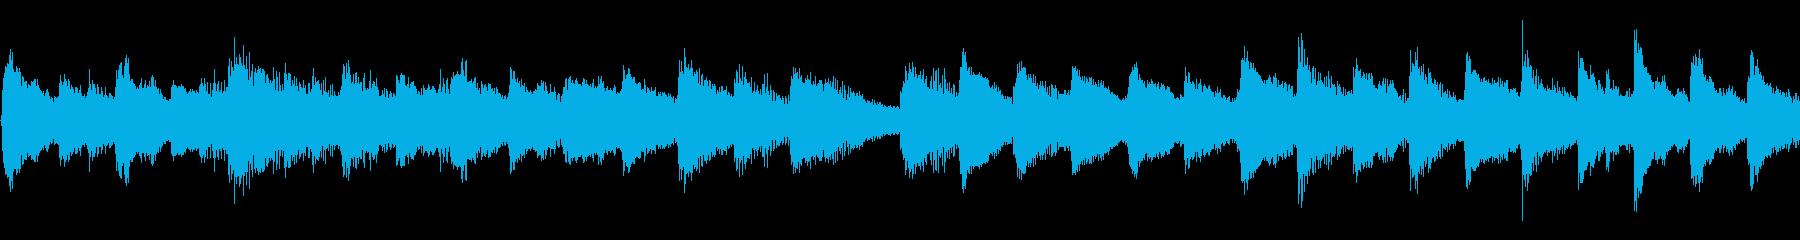 ピアノとチェレスタの優しいメロディの再生済みの波形